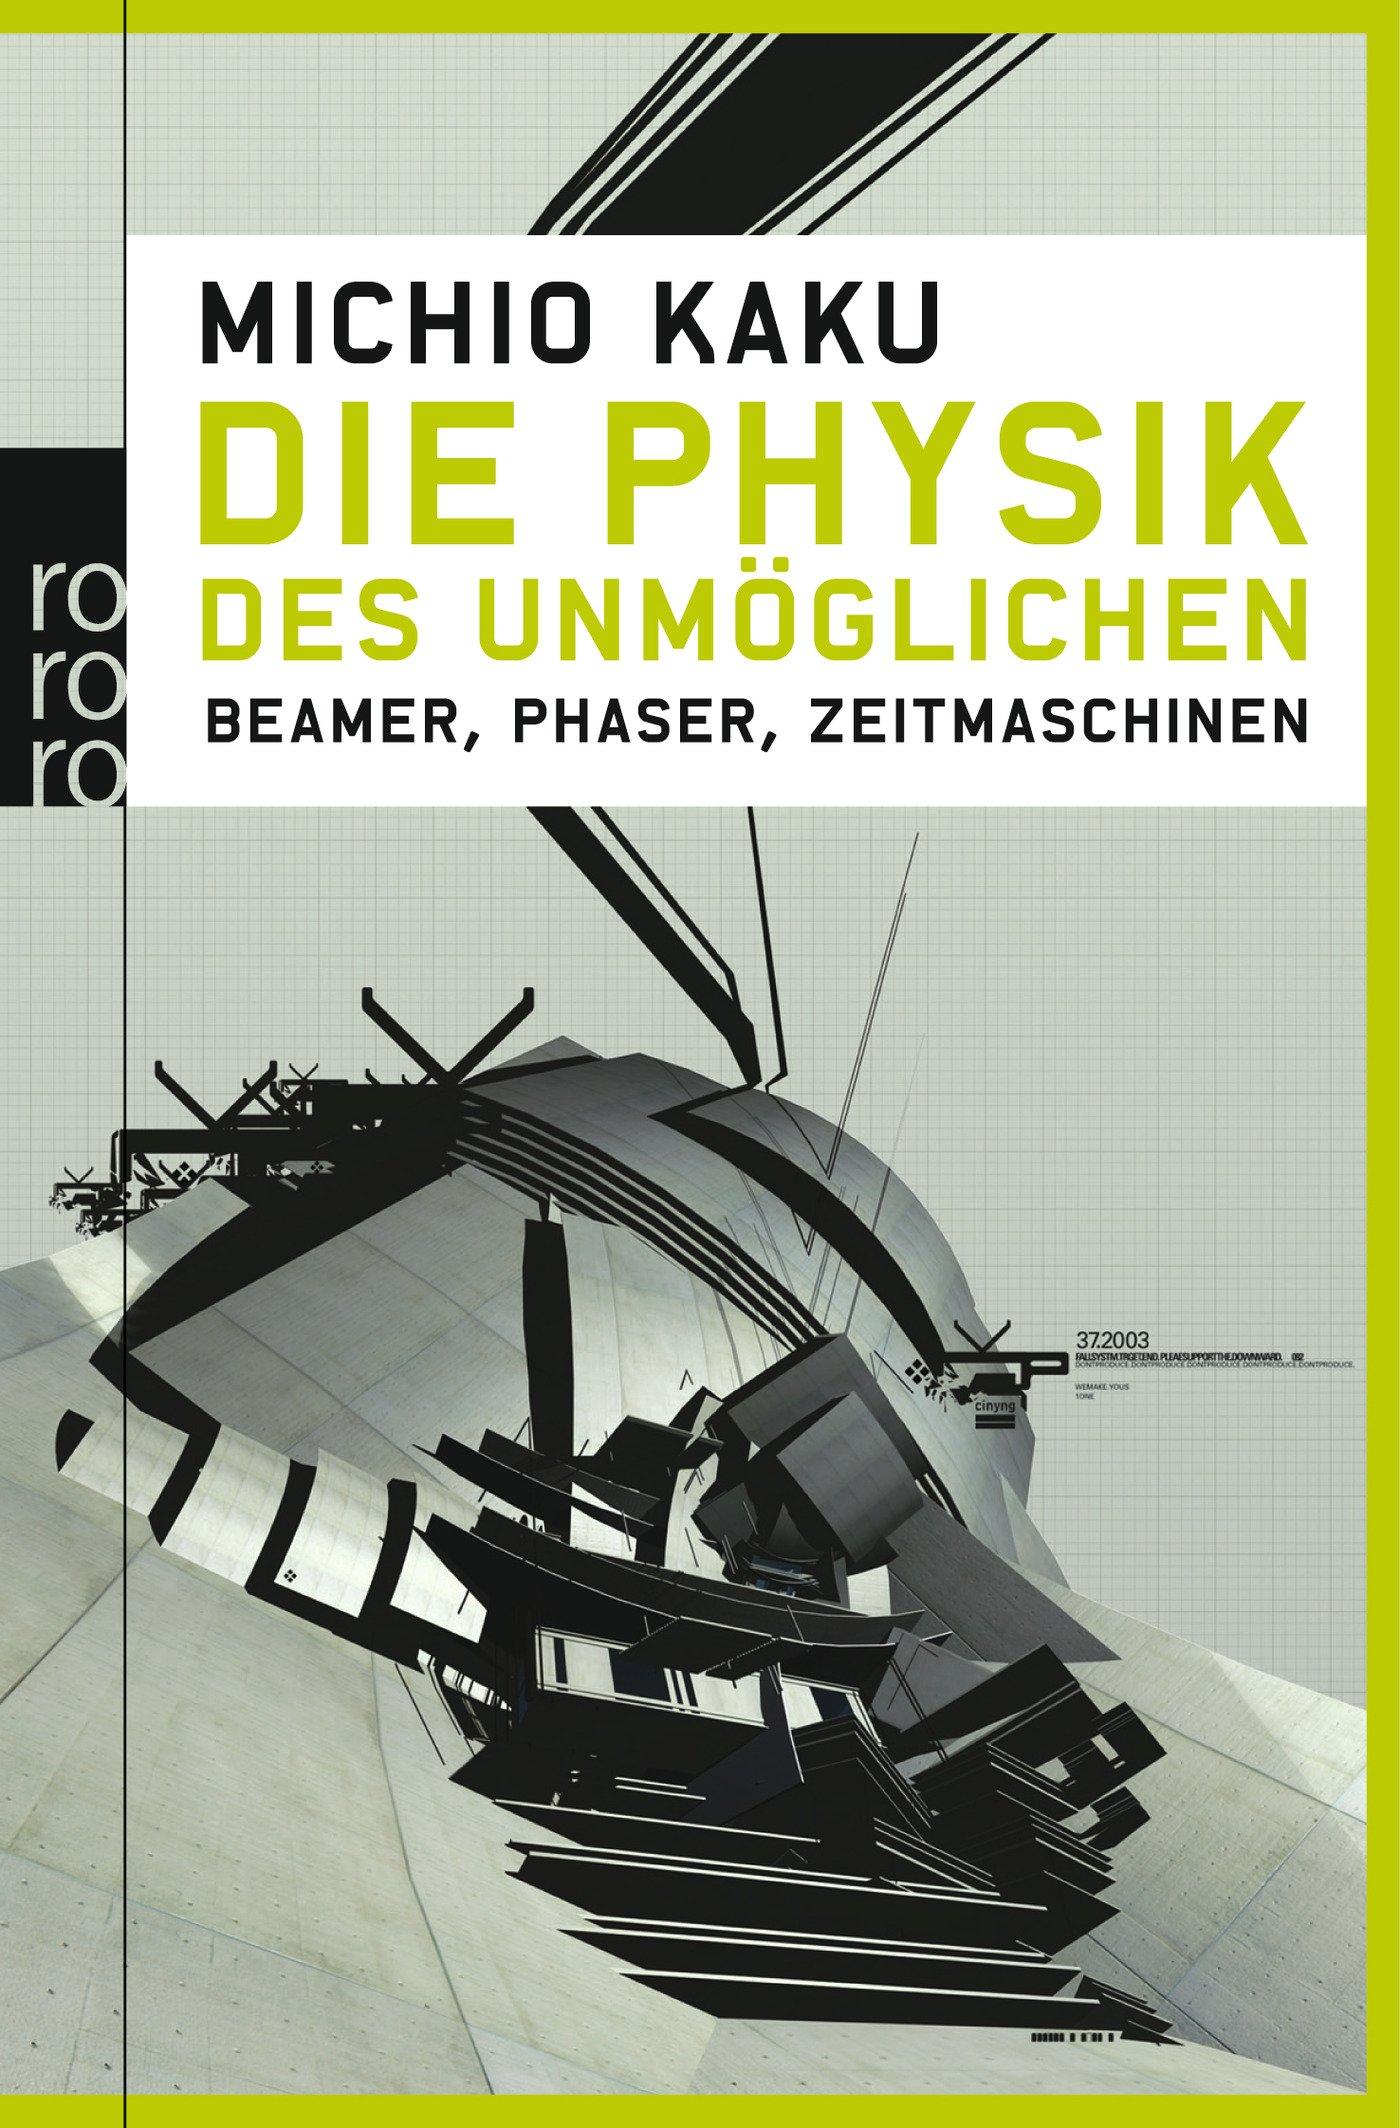 Die Physik des Unmöglichen: Beamer, Phaser, Zeitmaschinen Taschenbuch – 1. März 2010 Michio Kaku Hubert Mania Rowohlt Taschenbuch 3499622599